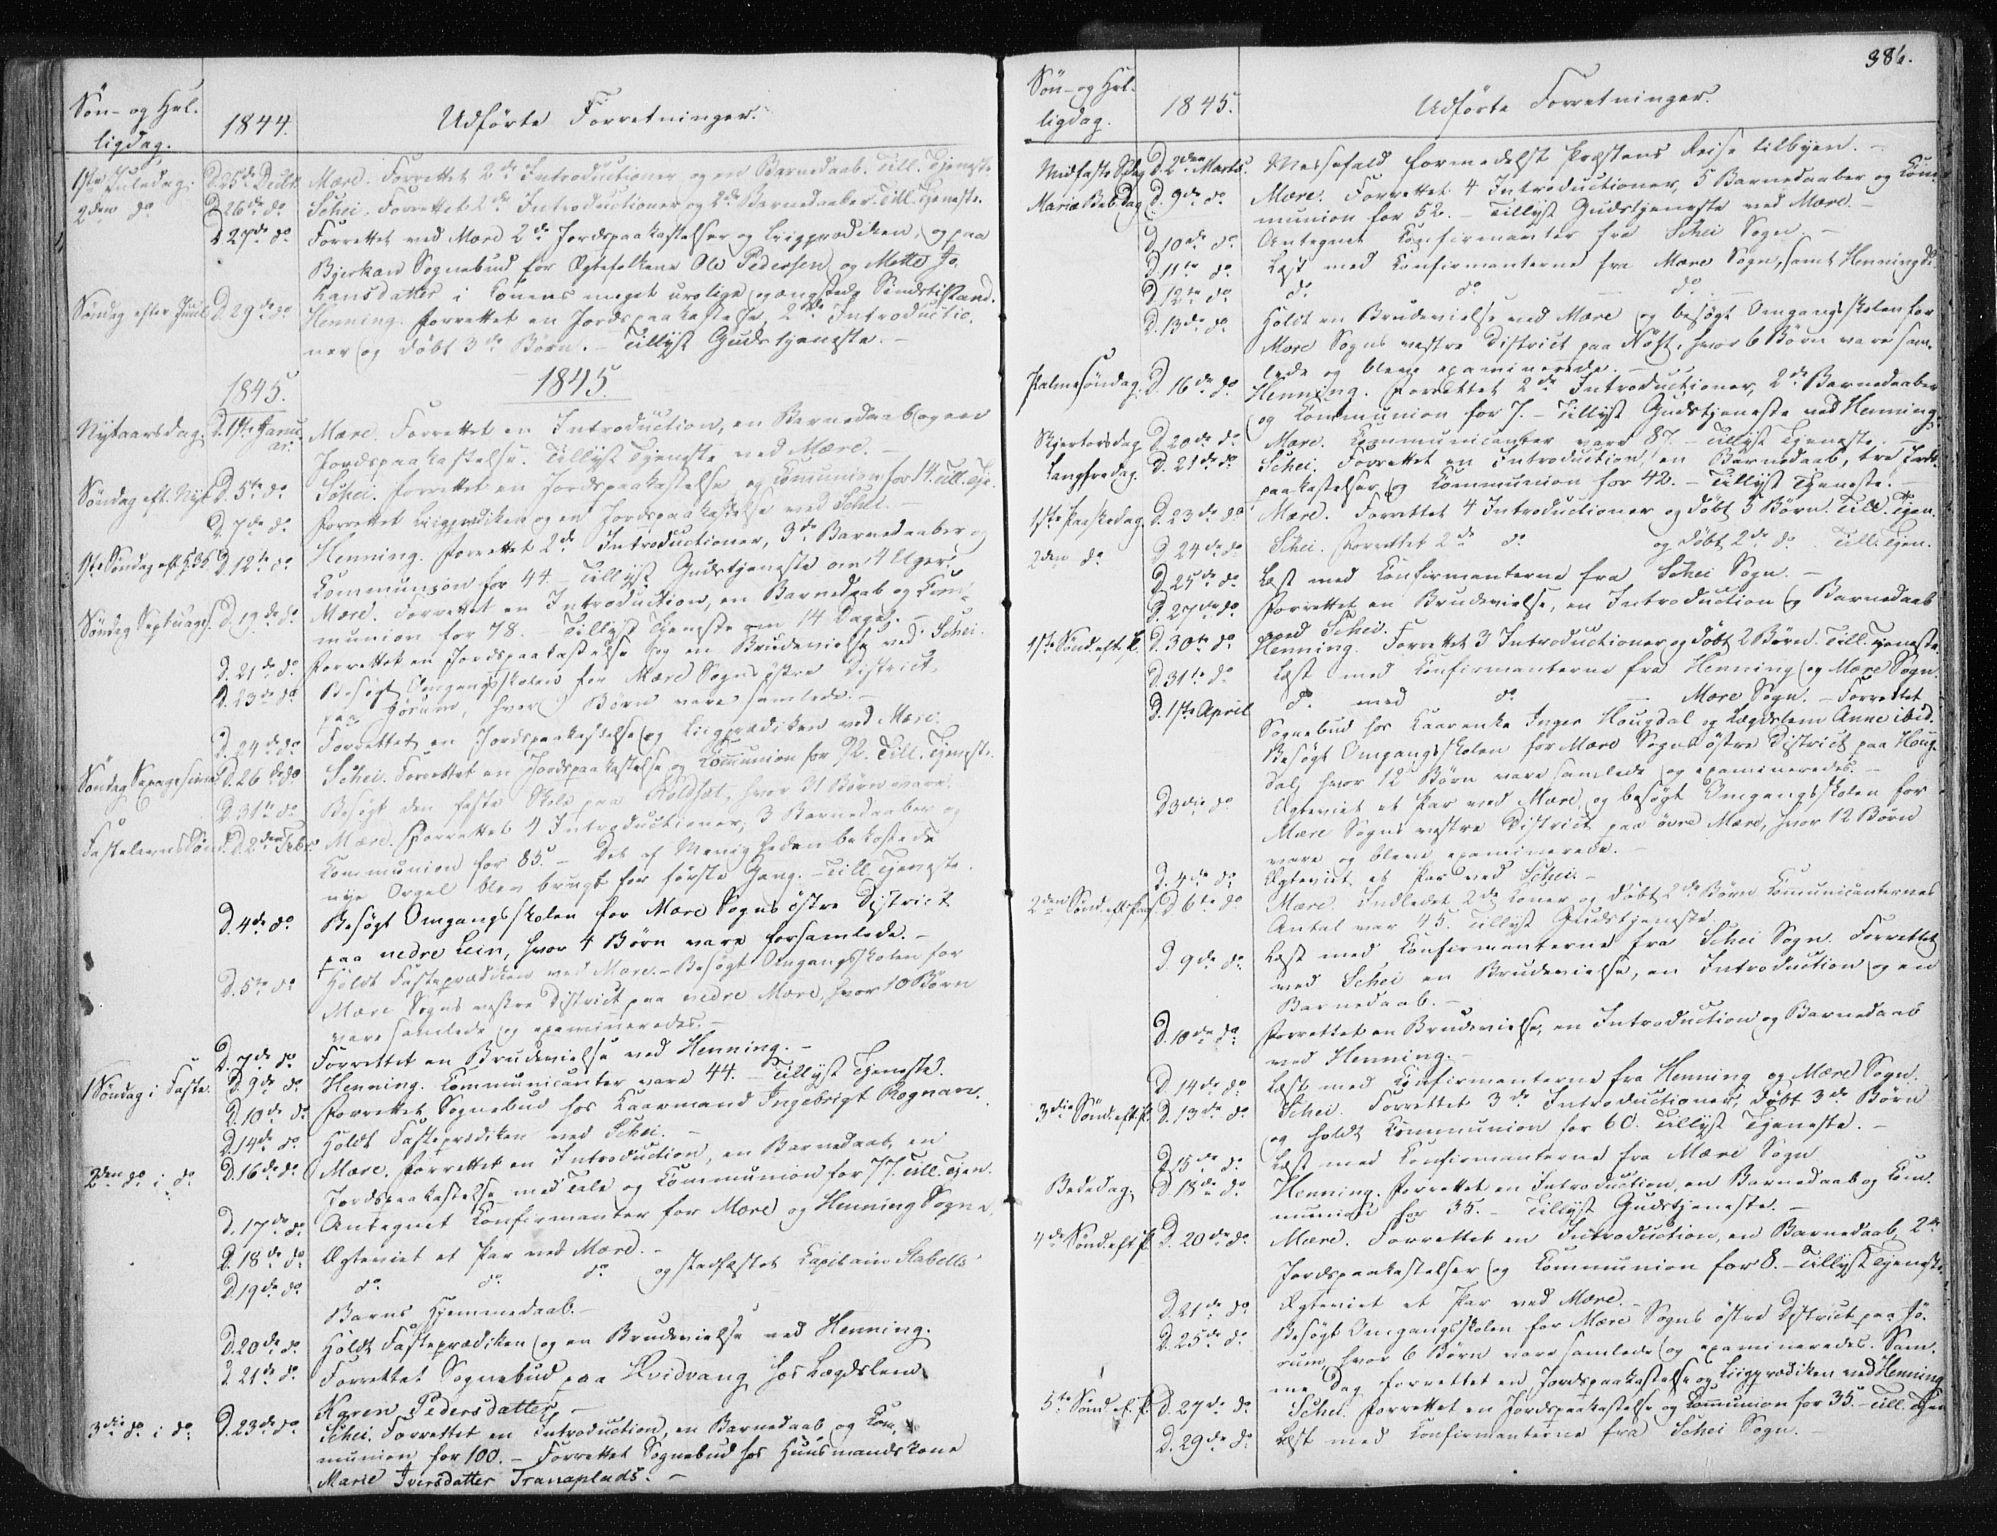 SAT, Ministerialprotokoller, klokkerbøker og fødselsregistre - Nord-Trøndelag, 735/L0339: Ministerialbok nr. 735A06 /1, 1836-1848, s. 386